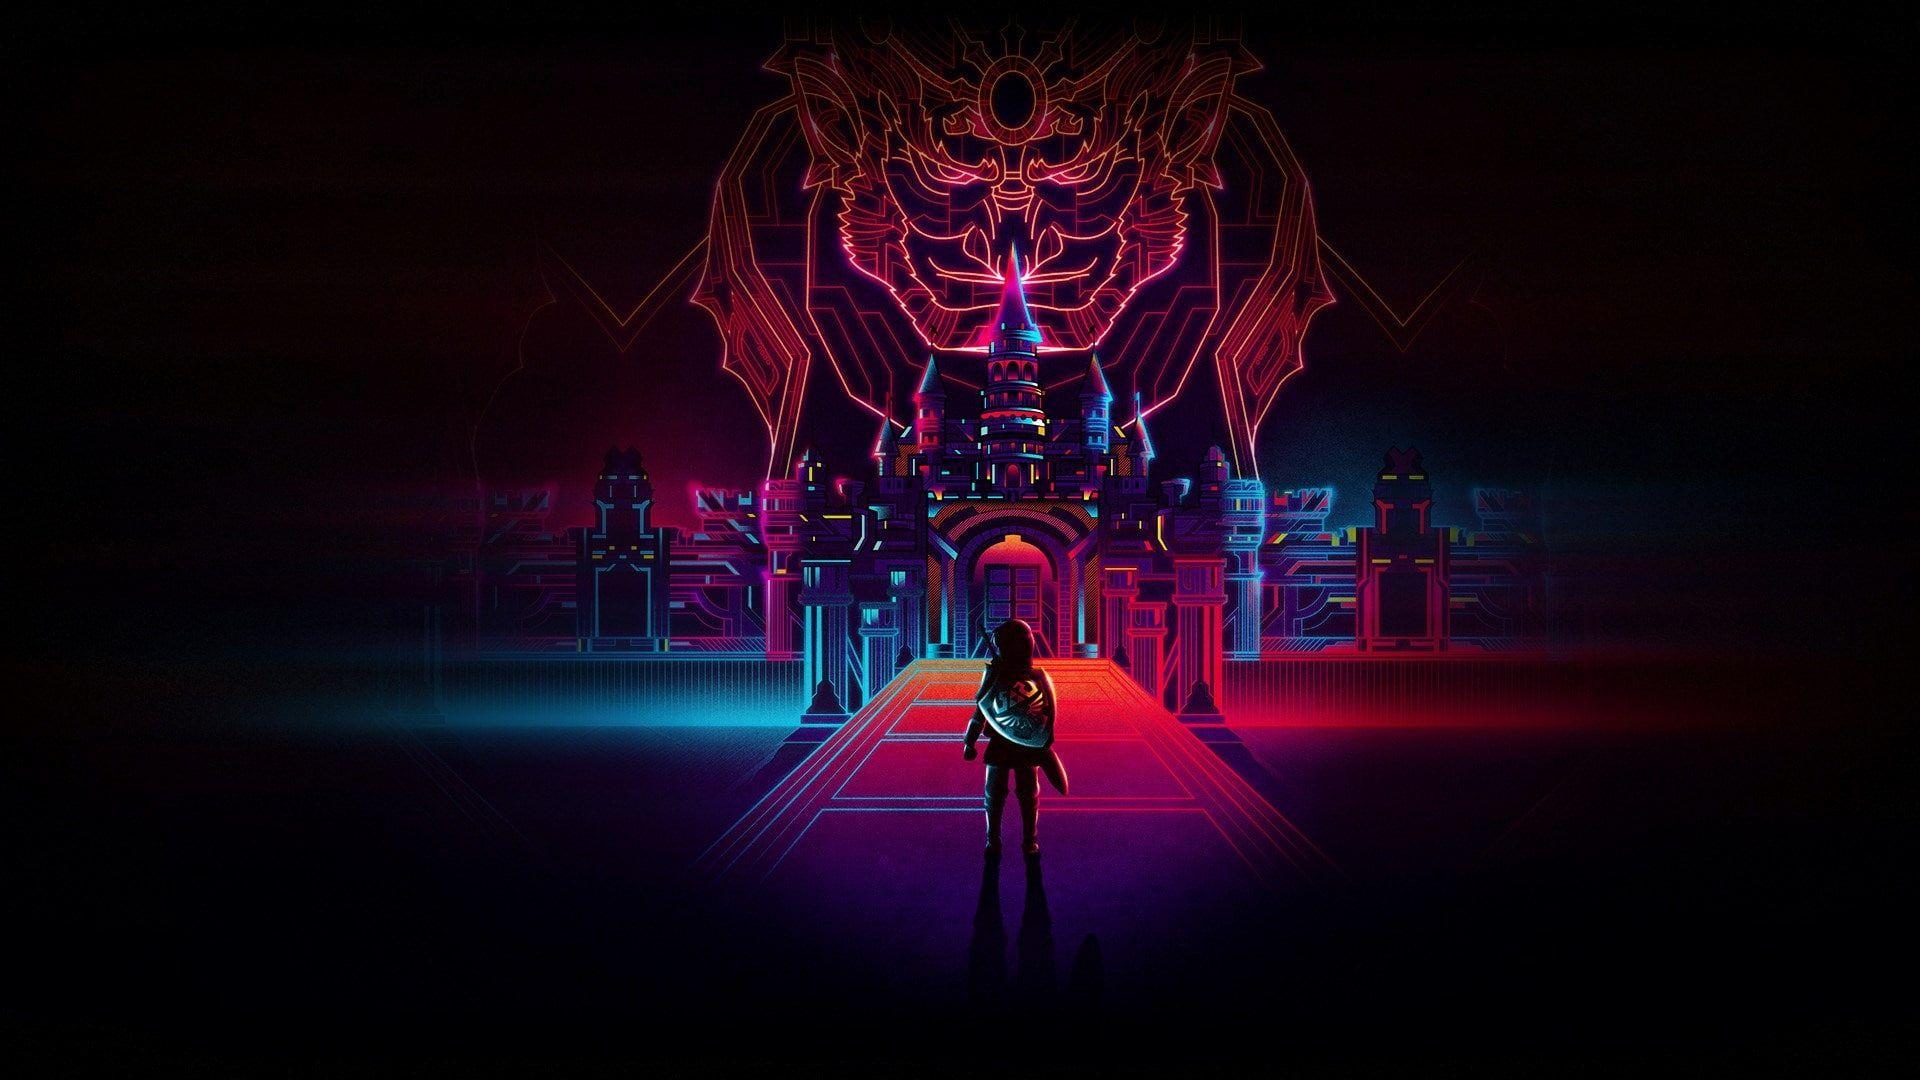 The Legend Of Zelda Computer Backgrounds 1080p Wallpaper Hdwallpaper Desktop In 2020 Neon Wallpaper Neon Light Wallpaper Neon Backgrounds